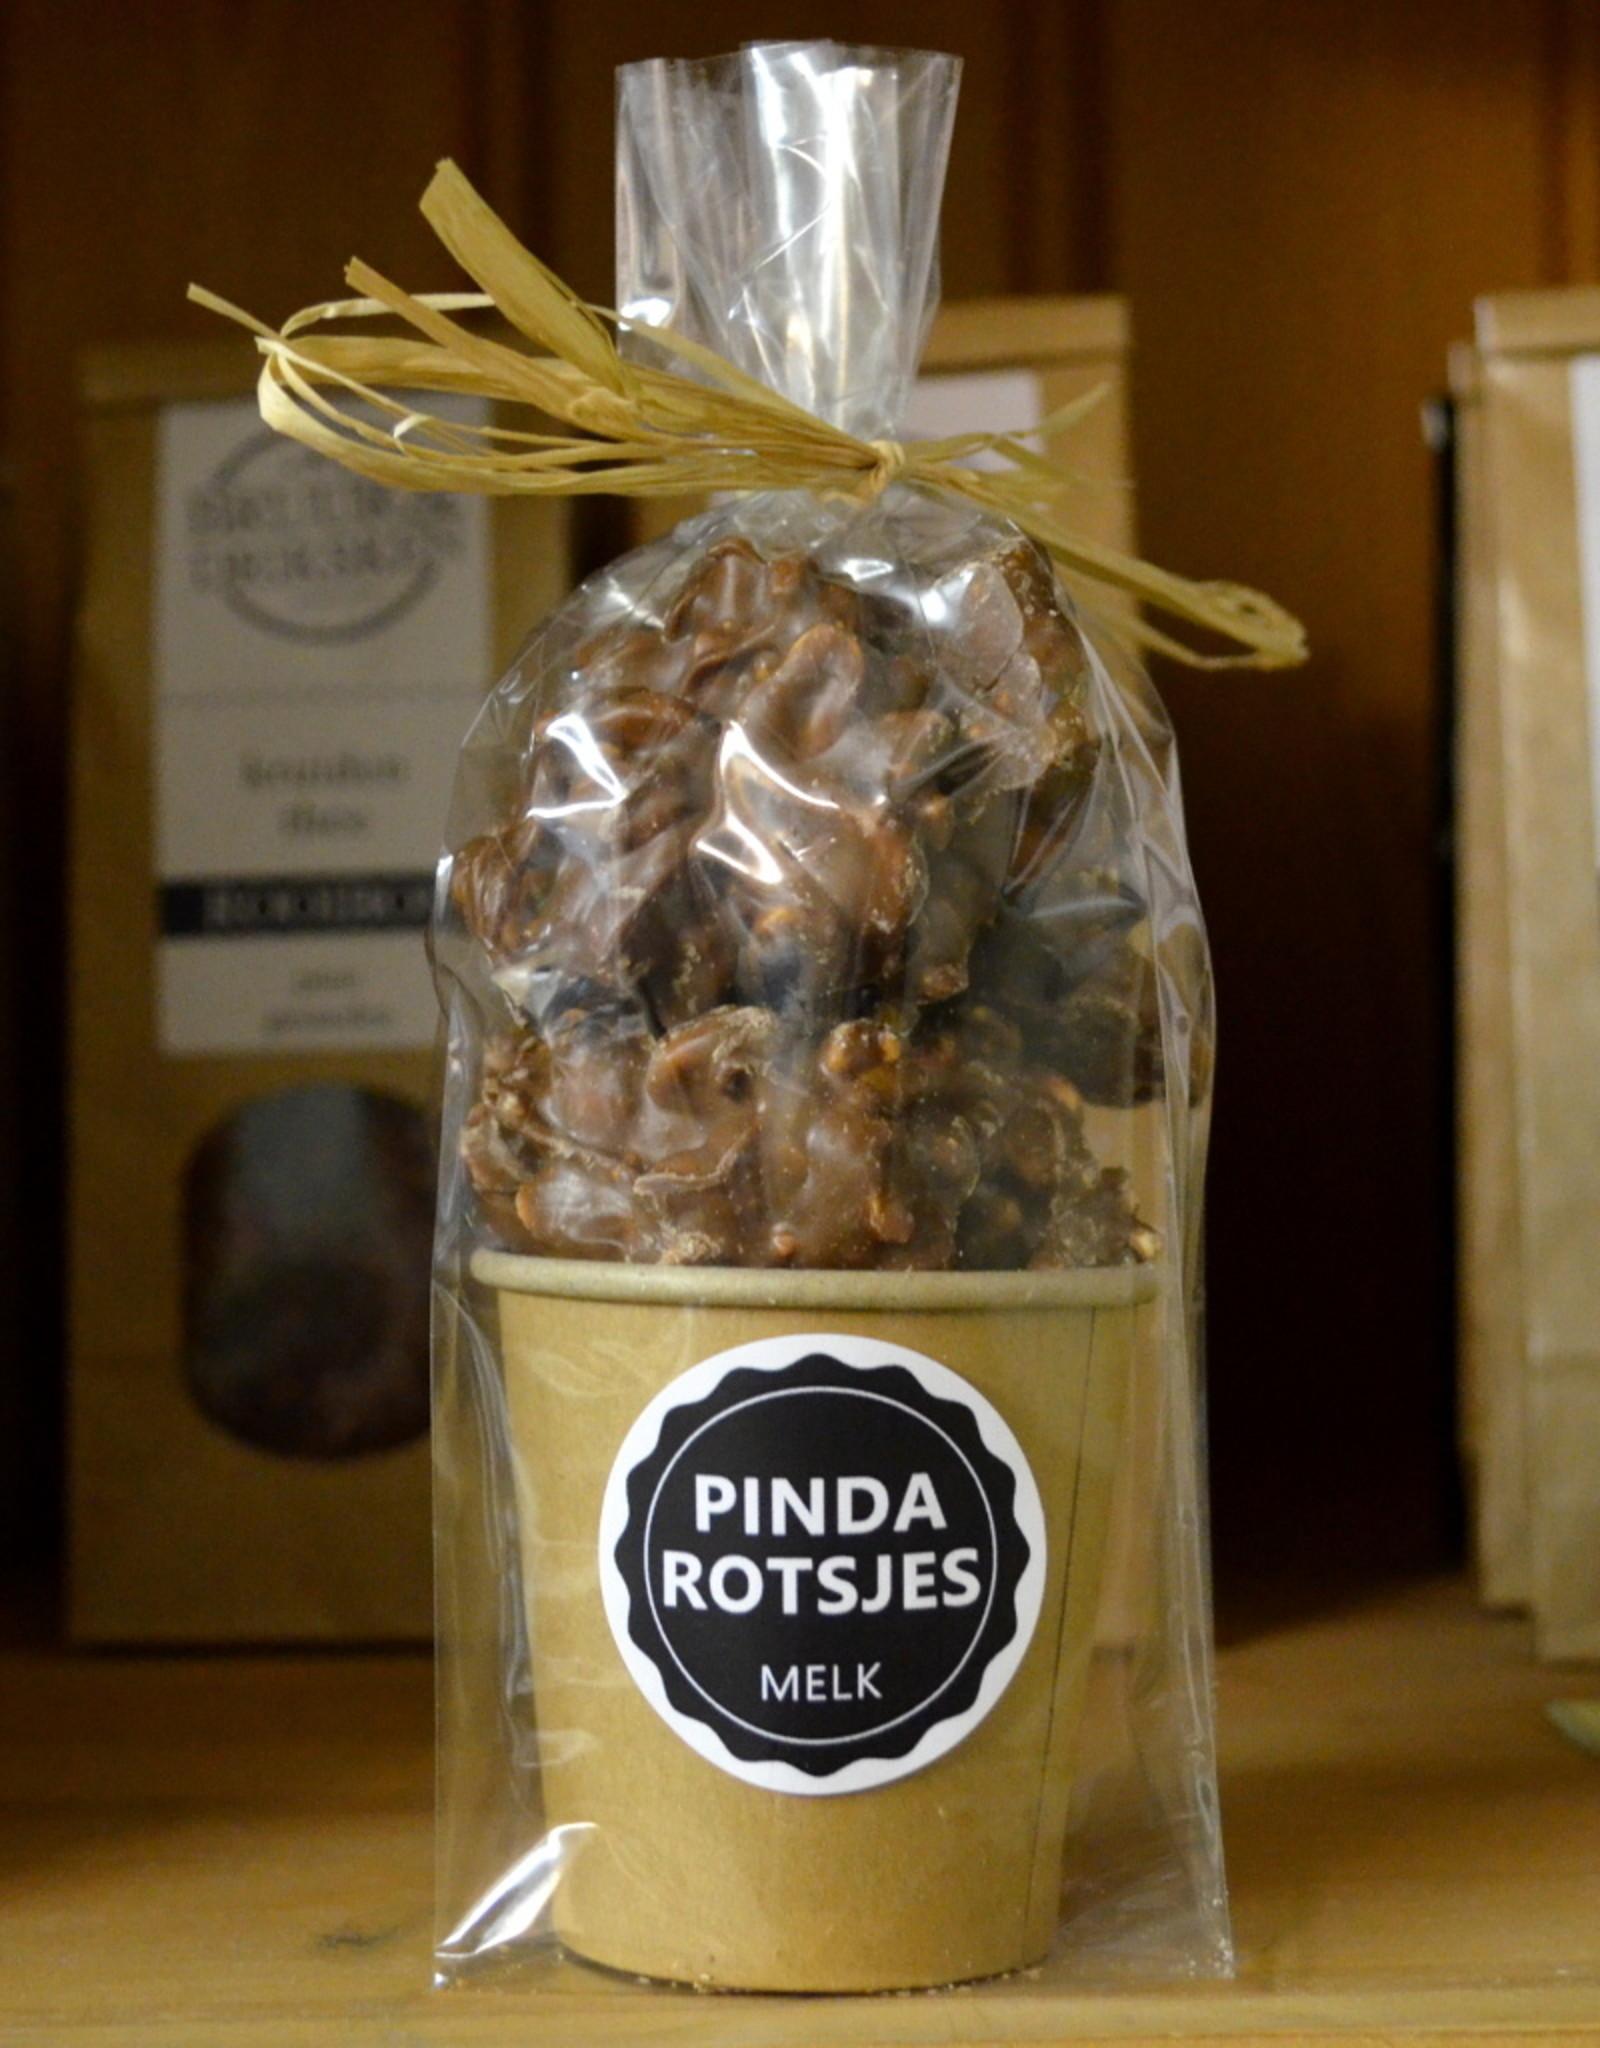 Pinda Rotsjes ambachtelijk met melk chocolade